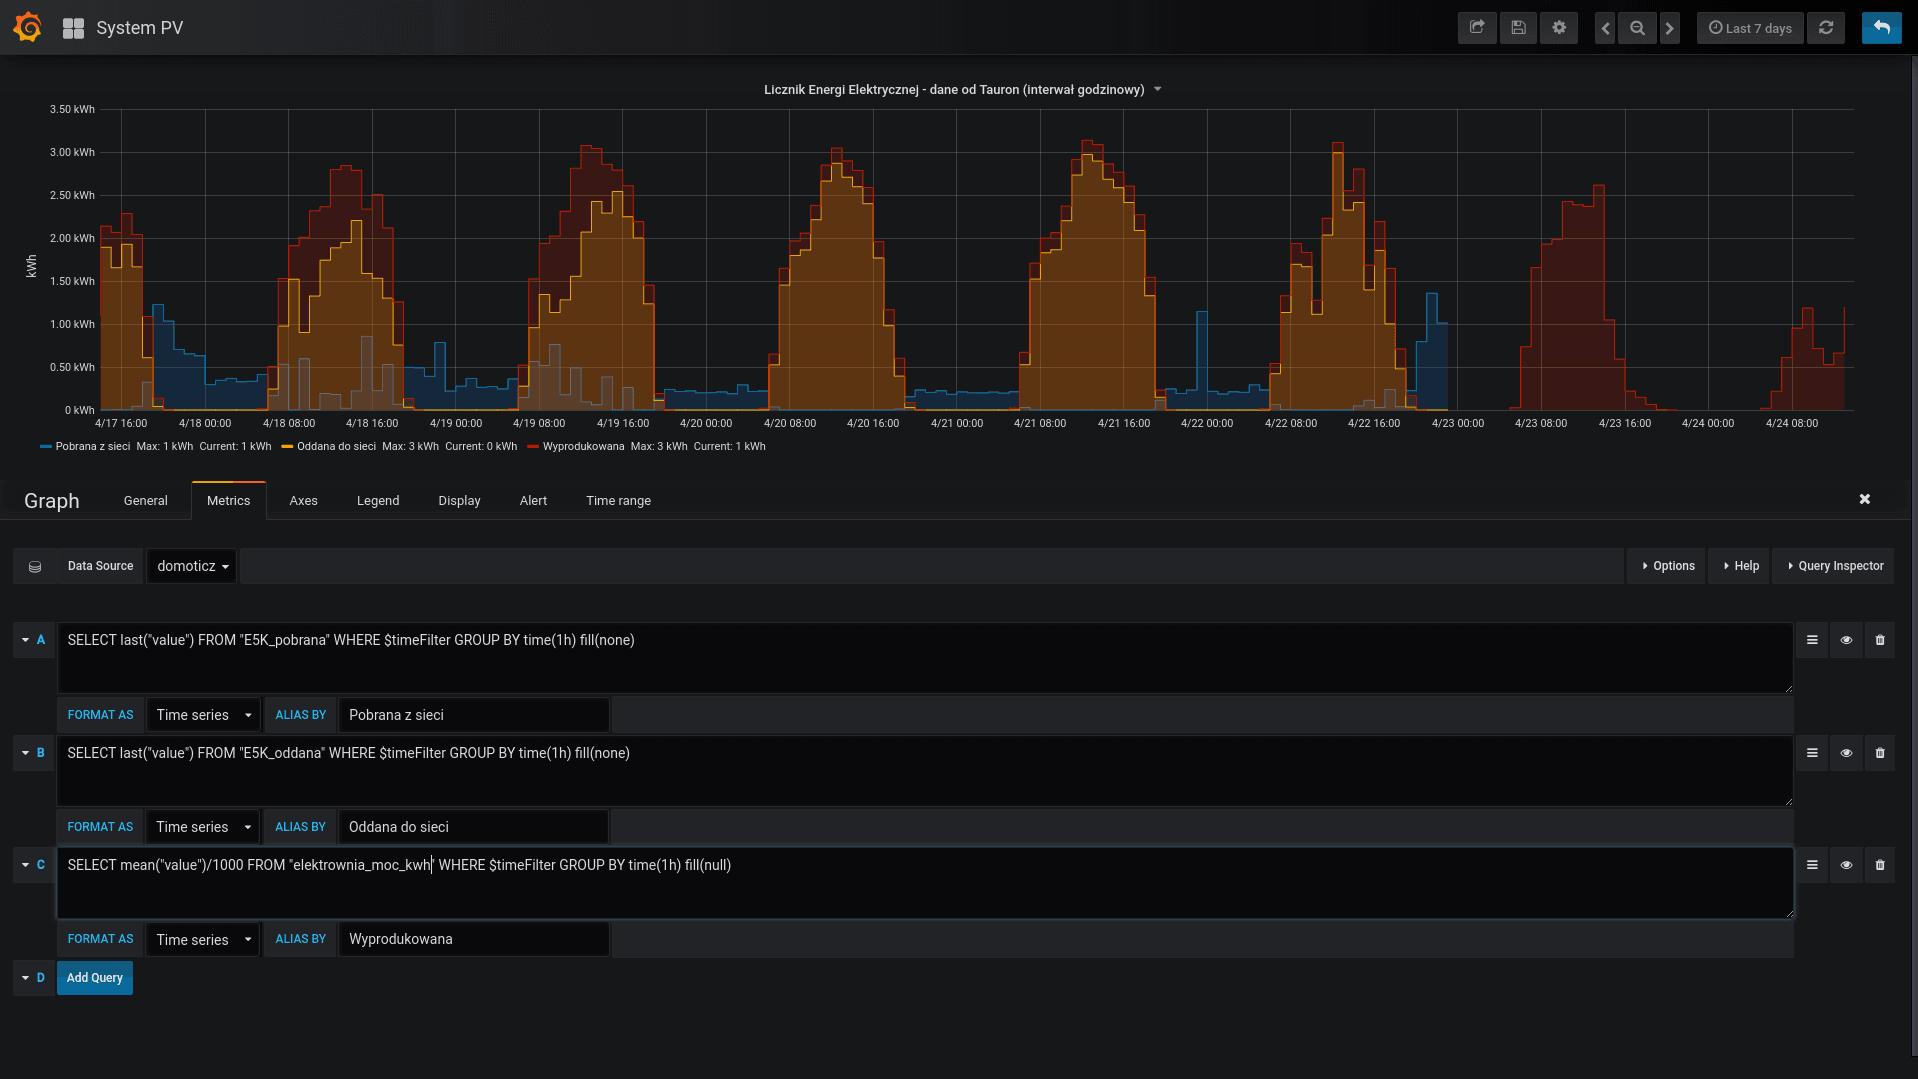 Wykresy mocy z Tauronu w Grafanie